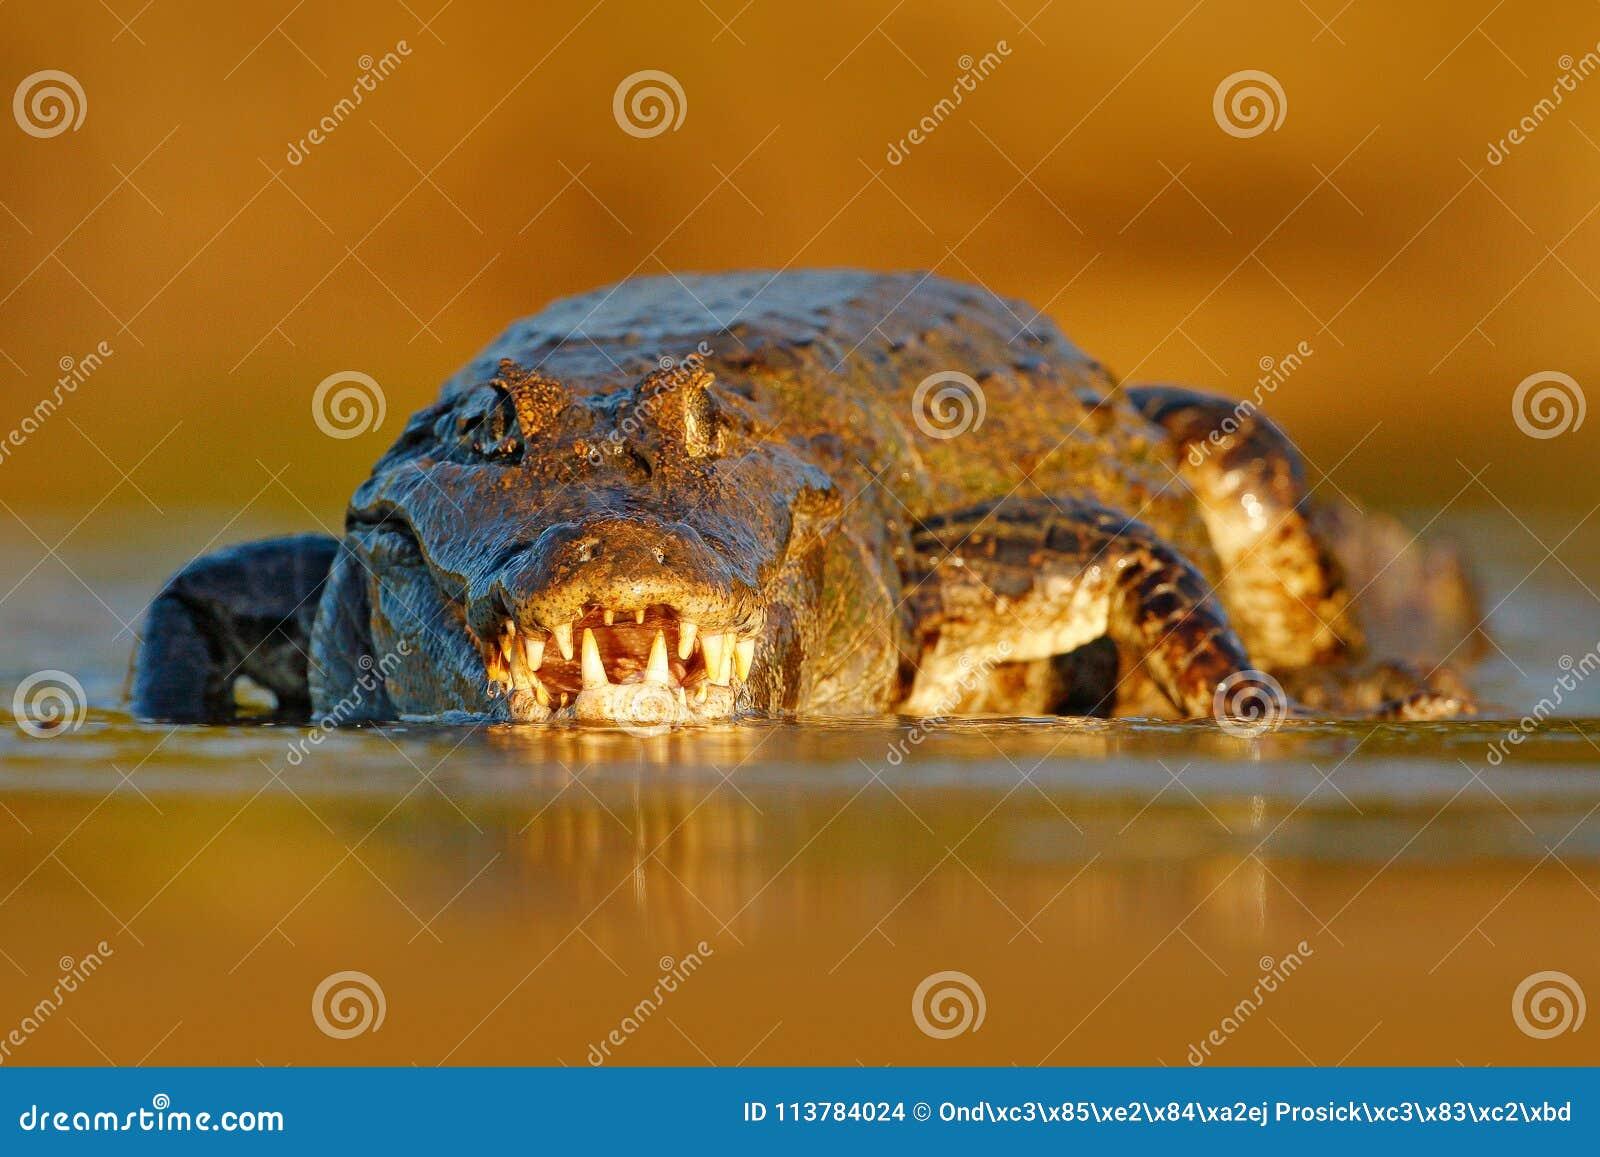 Abendlicht mit Krokodil Porträt von Yacare-Kaiman, Krokodil im Wasser mit offener Mündung, große Zähne, Pantanal, Brasilien WTI